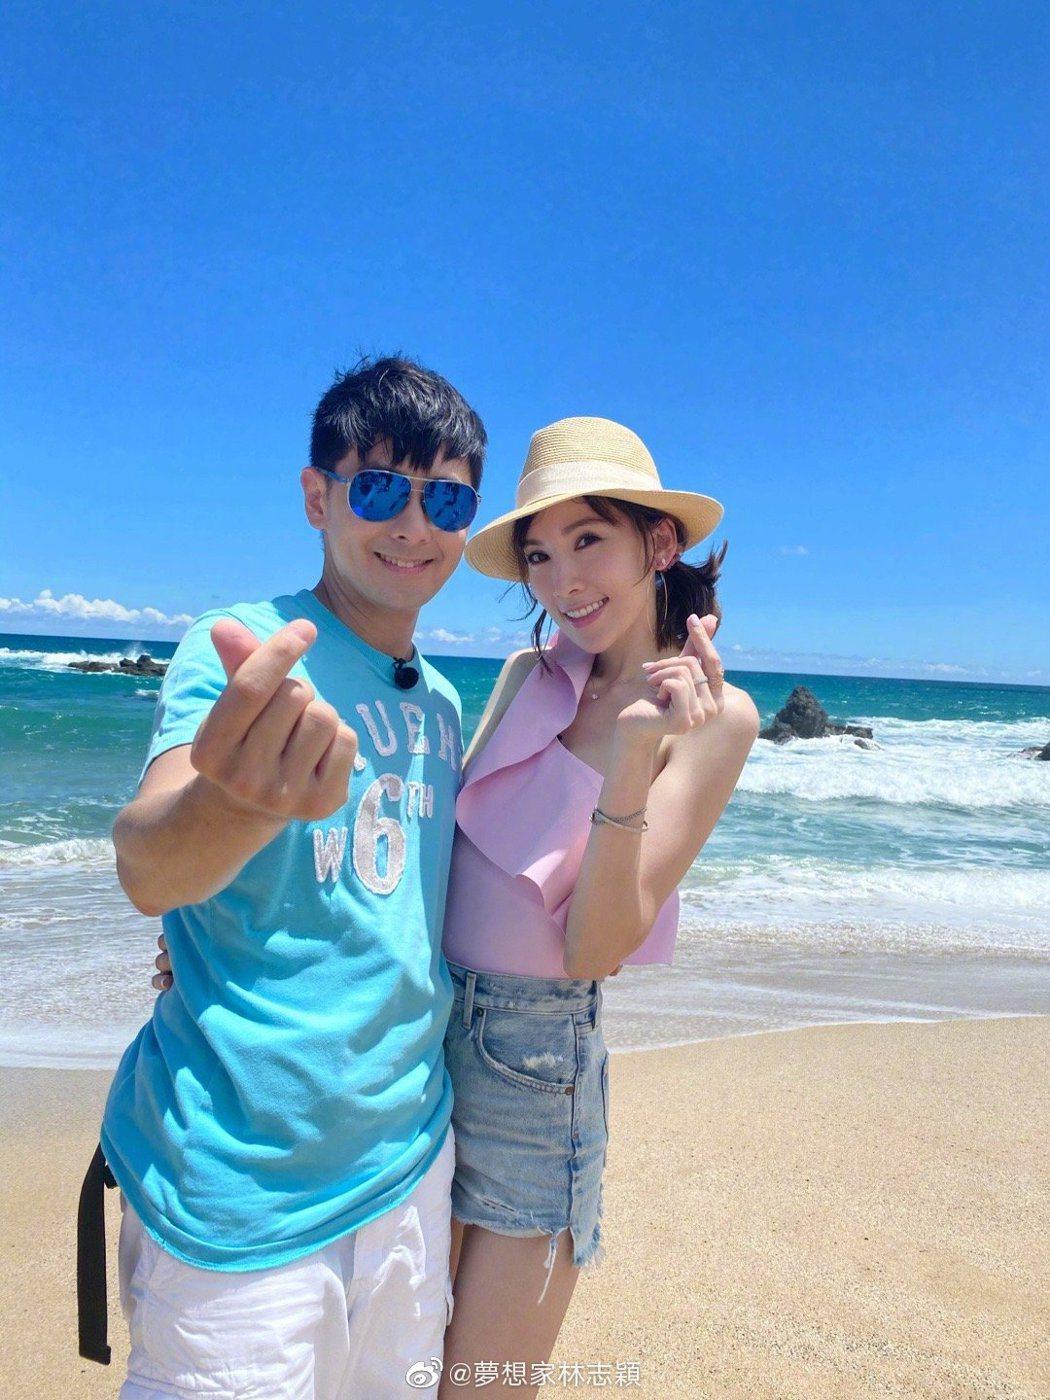 林志穎與老婆合照。圖 / 擷自微博